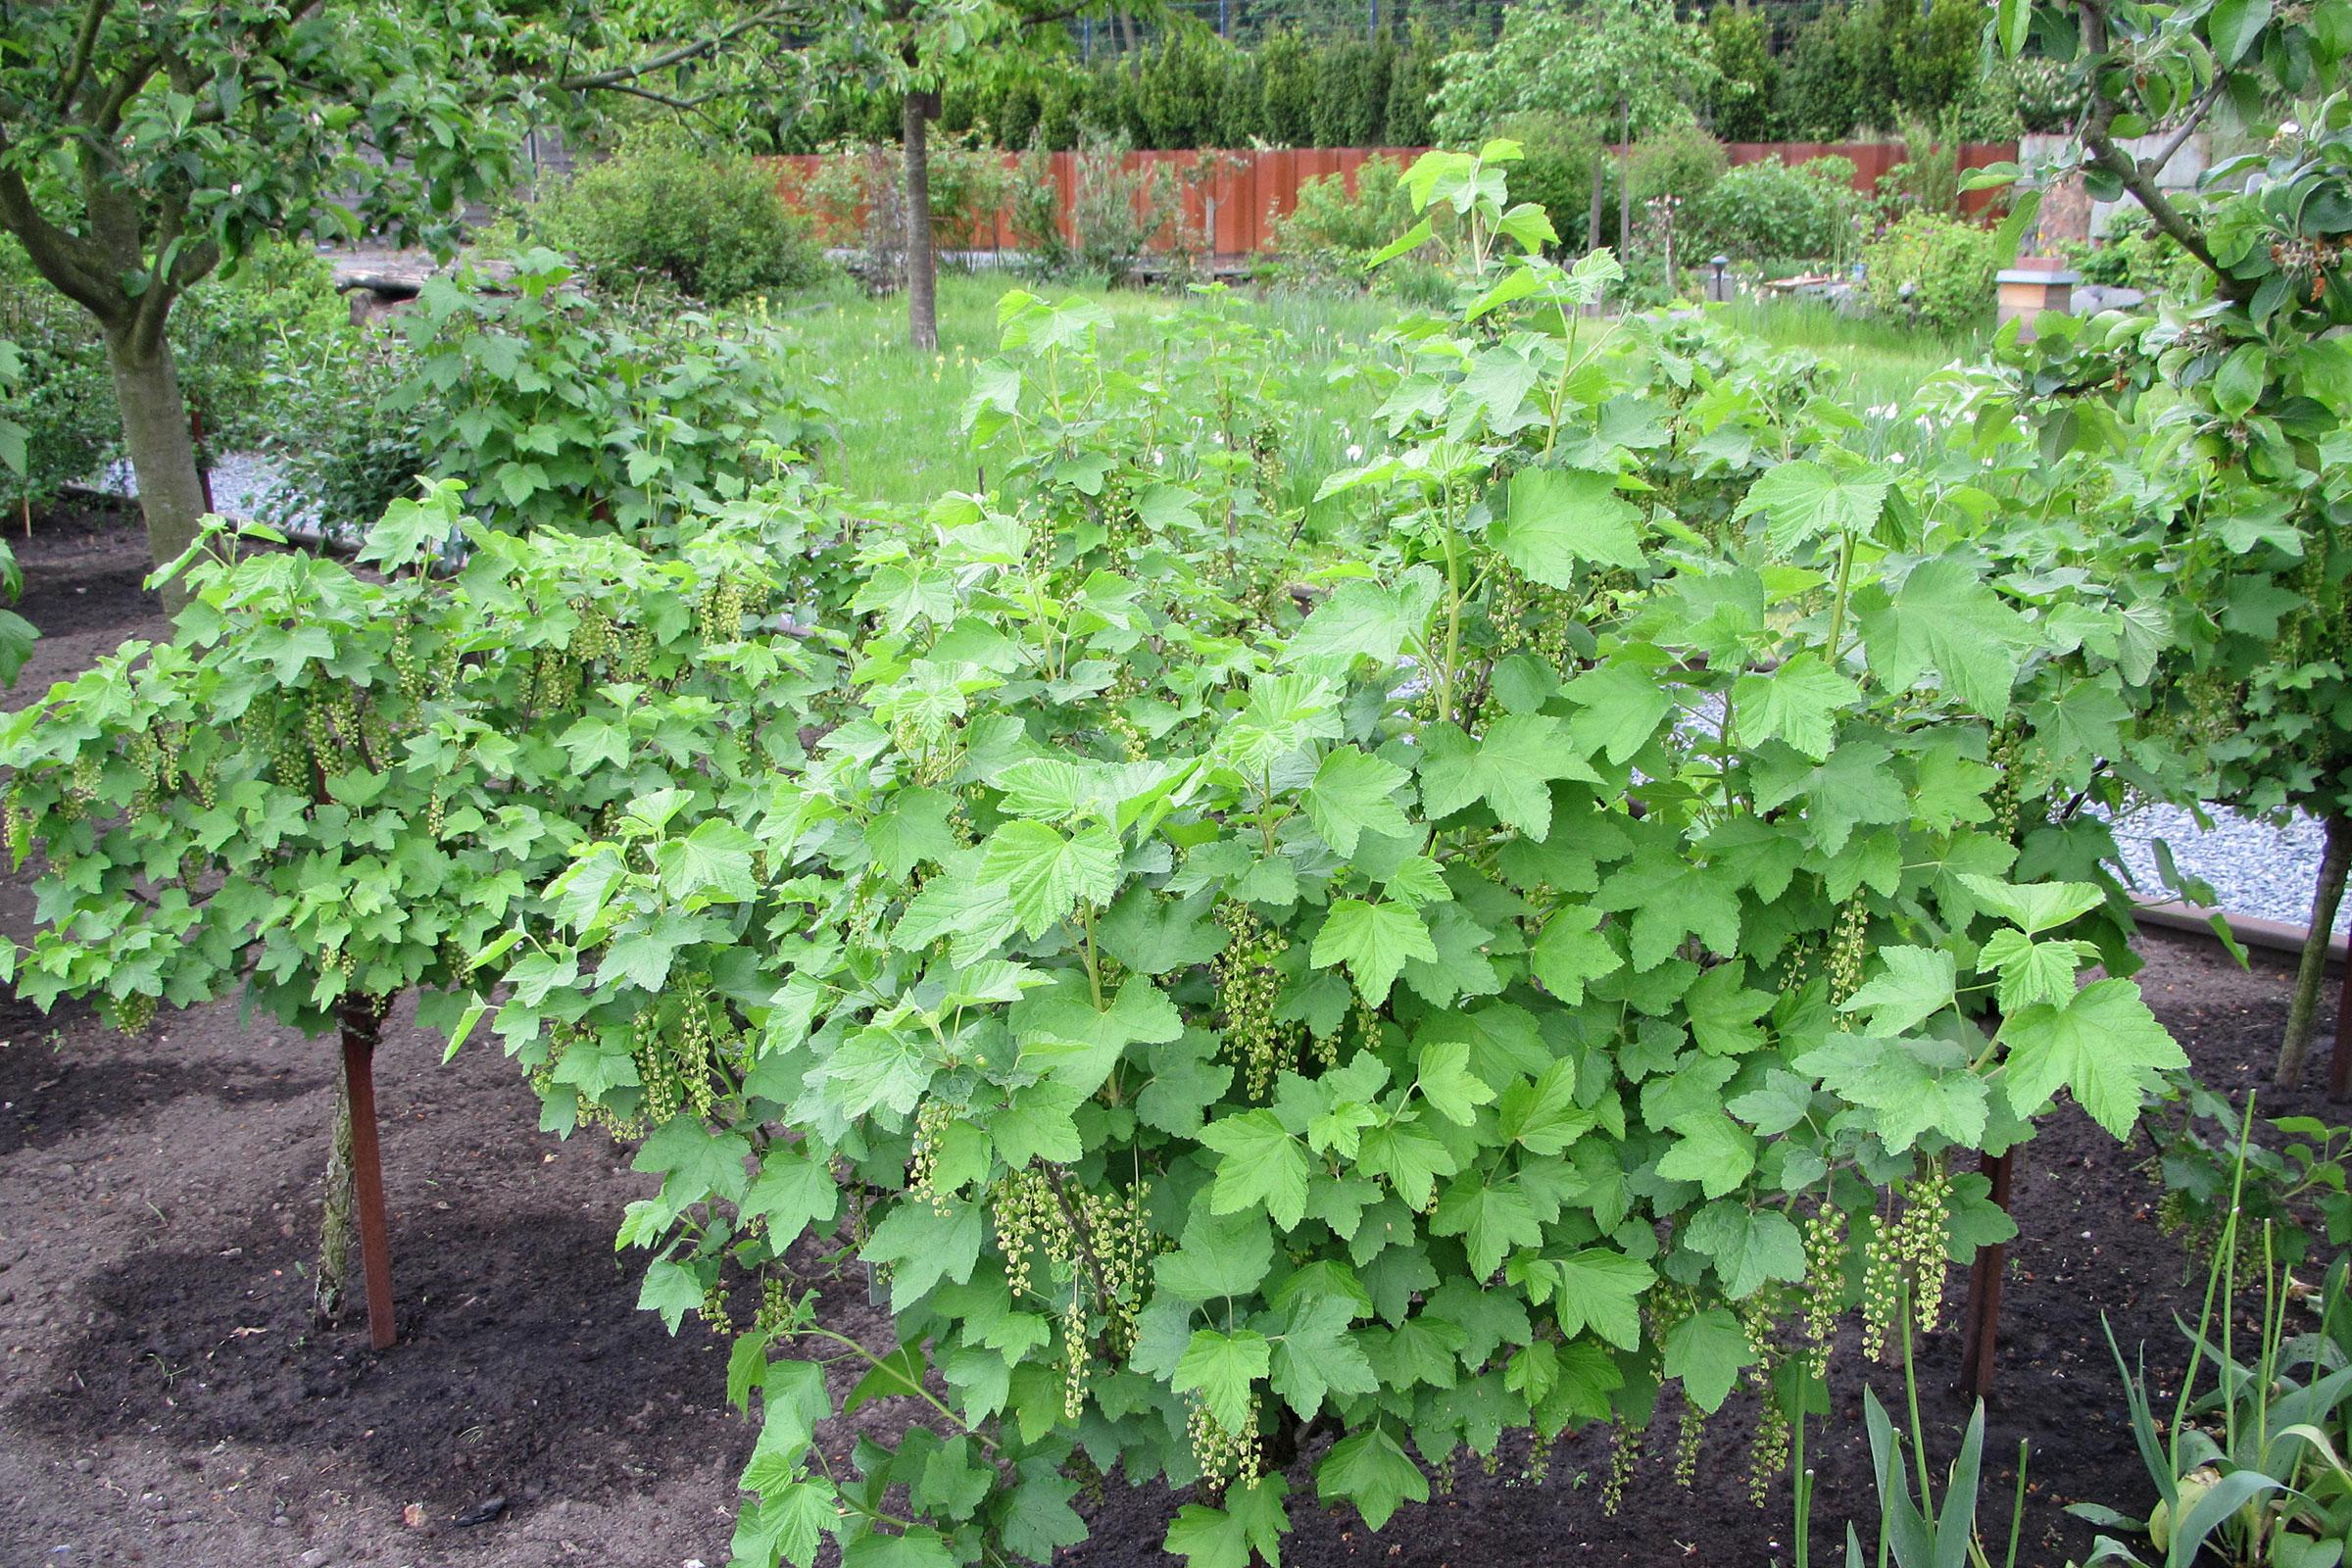 Obstgarten mit Beerensträuchern